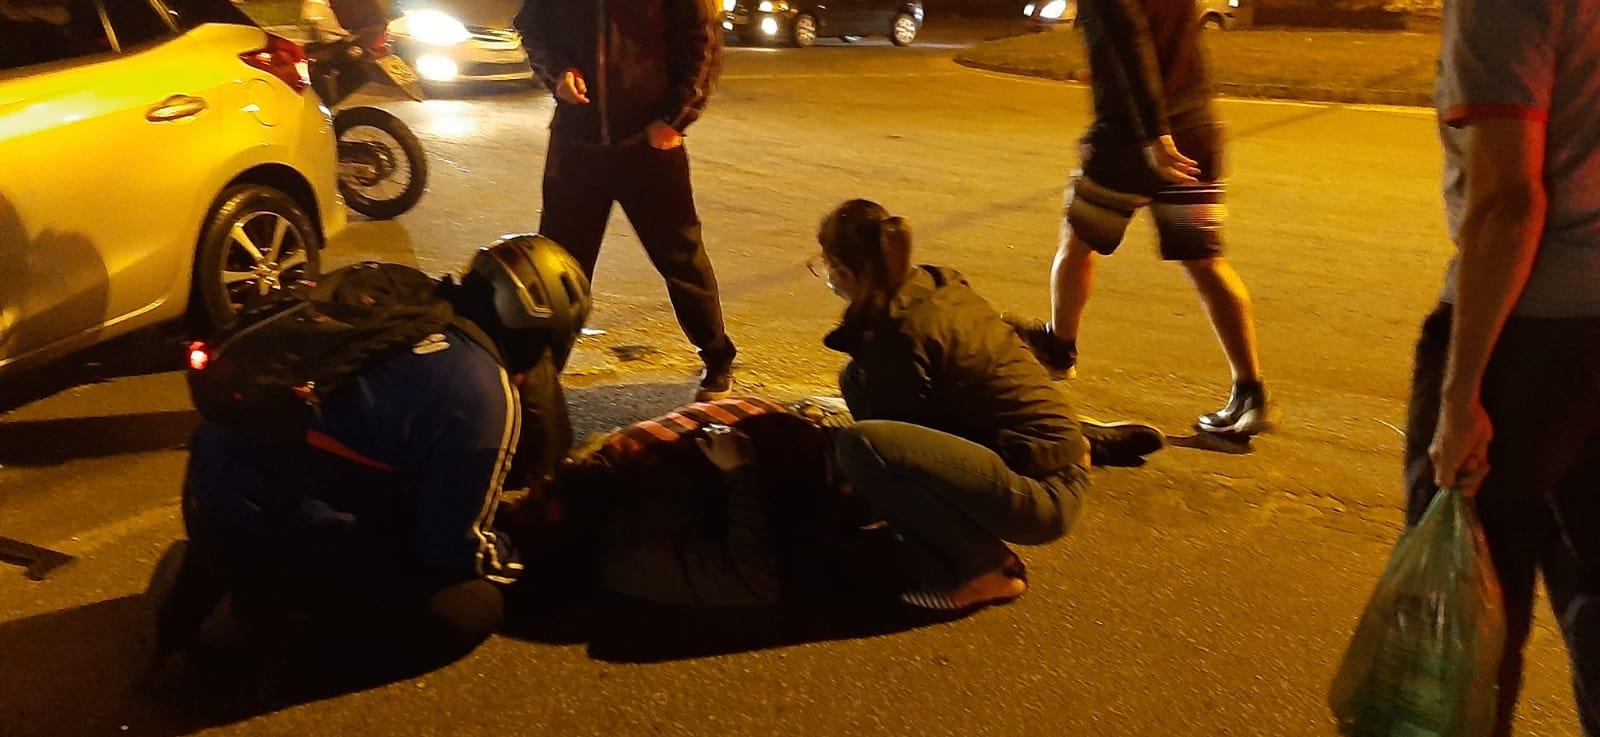 O atendimento a uma das vítimas (Fotos de leitores)